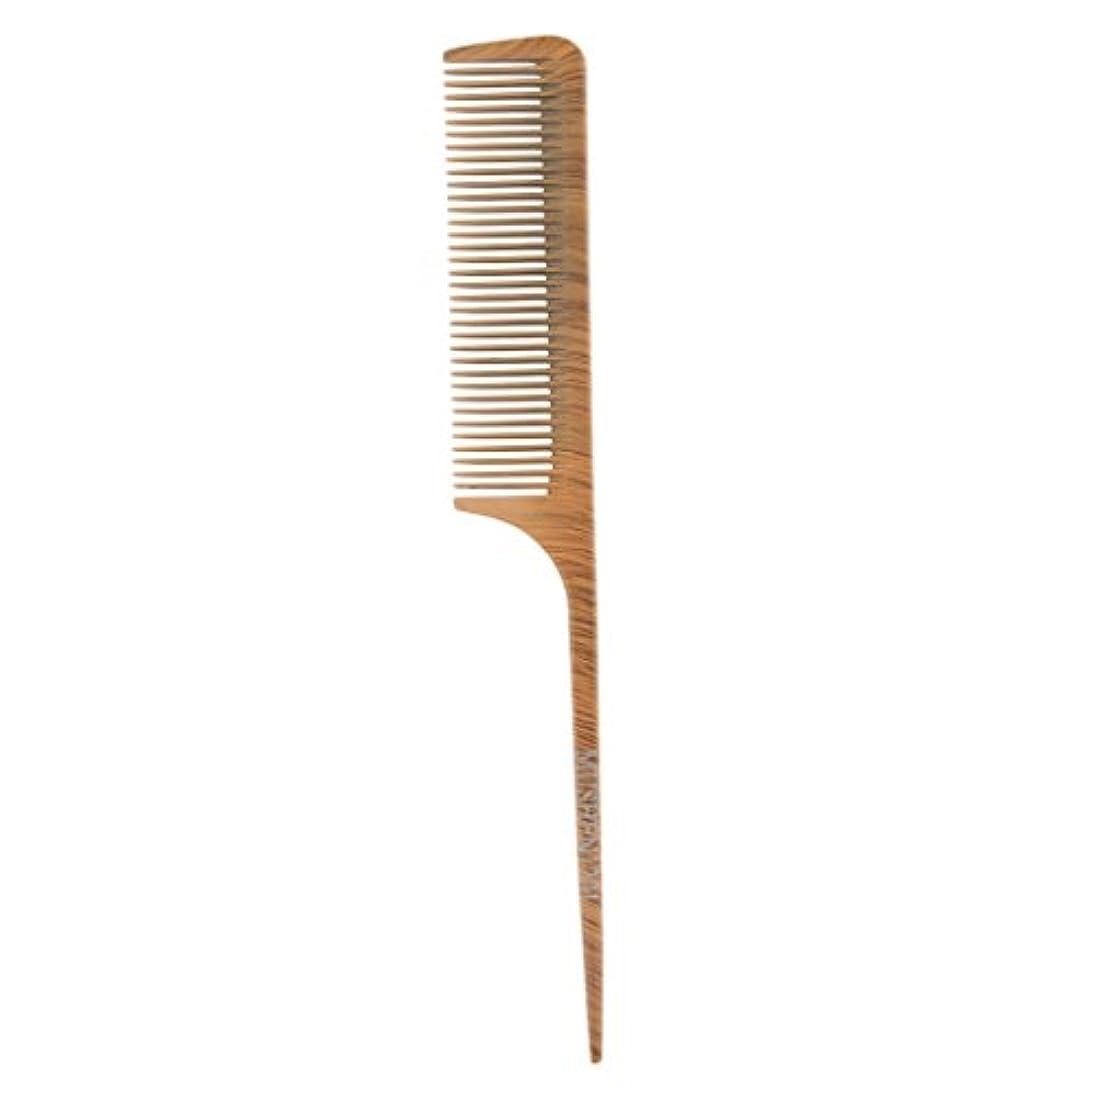 ミサイル名義で速報Kesoto ヘアコーム ヘアブラシ ヘアカットコーム ウッド 帯電防止 サロン 理髪師 ヘアケア 4タイプ選べる - 1201